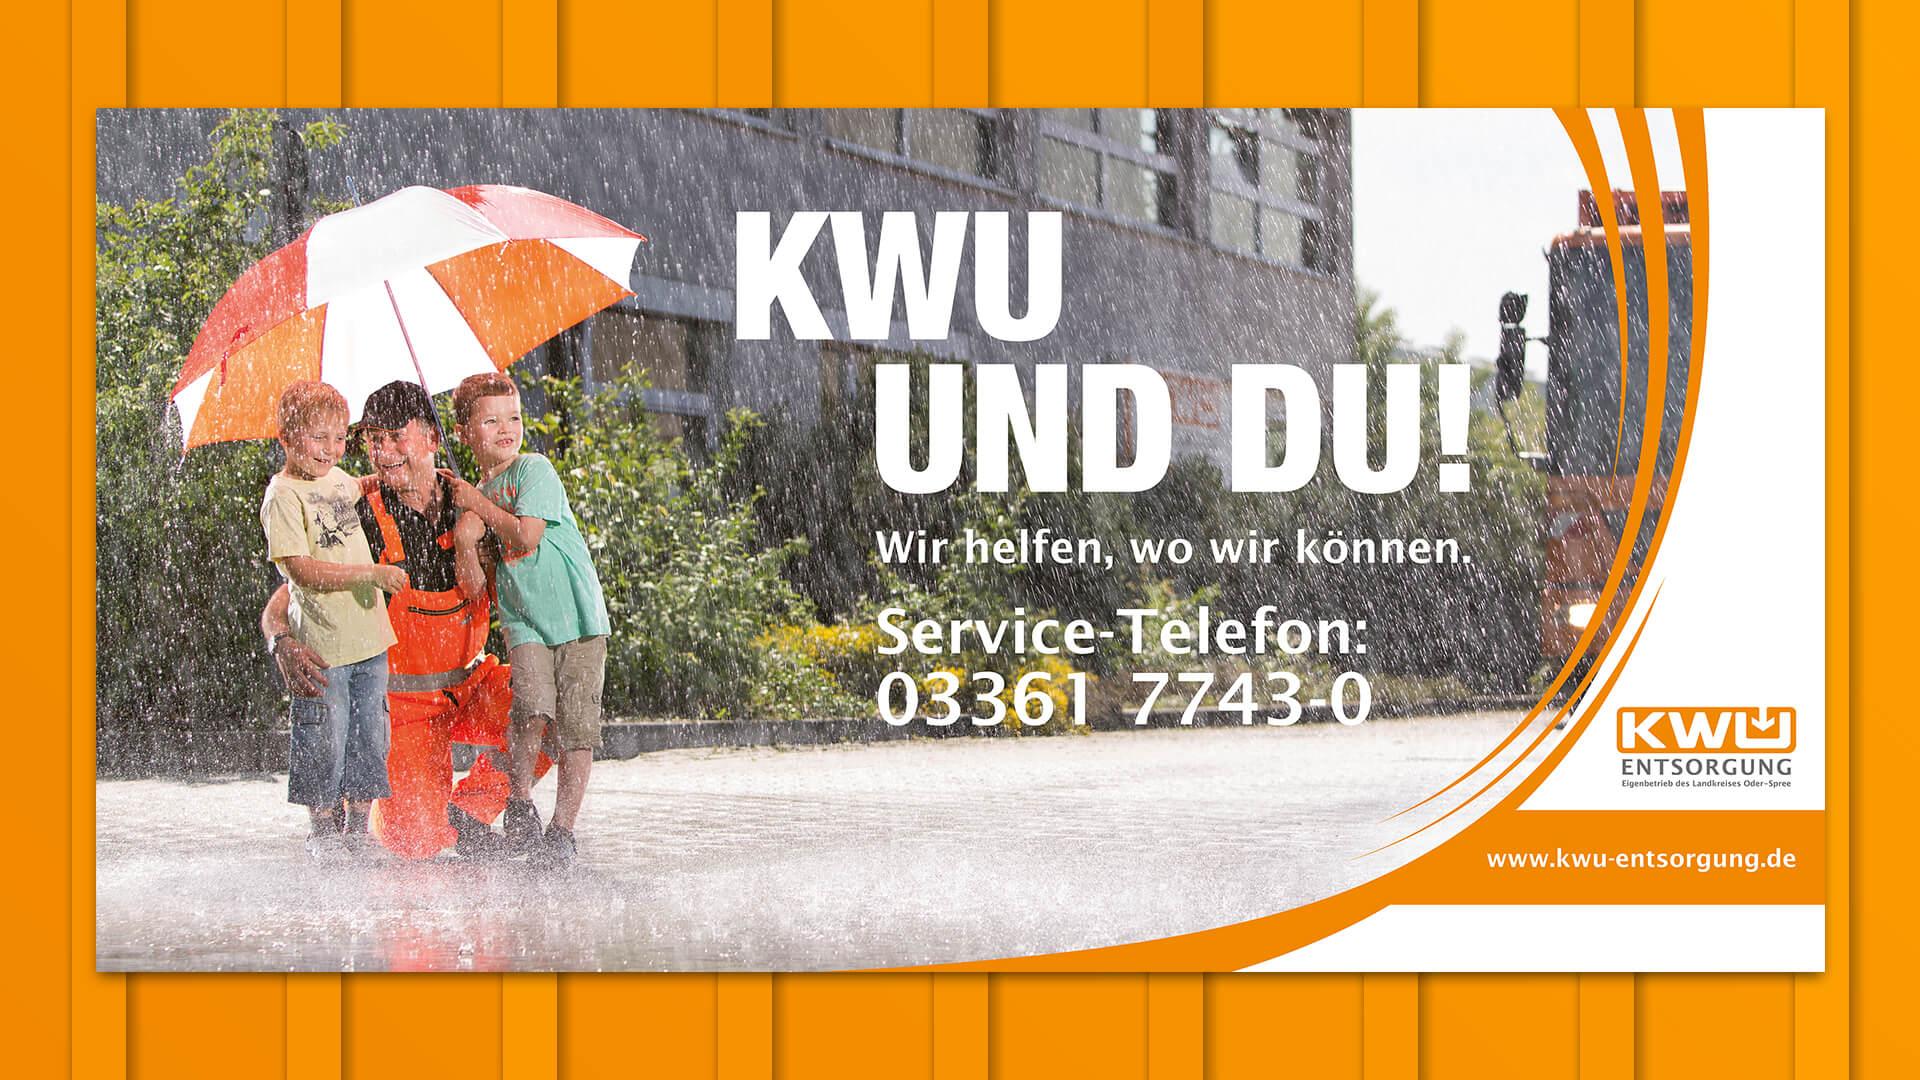 marketing agentur berlin kommunikationsdesign contenterstellung newsletter marketing werbeagentur berlin kwu und du wir helfen title